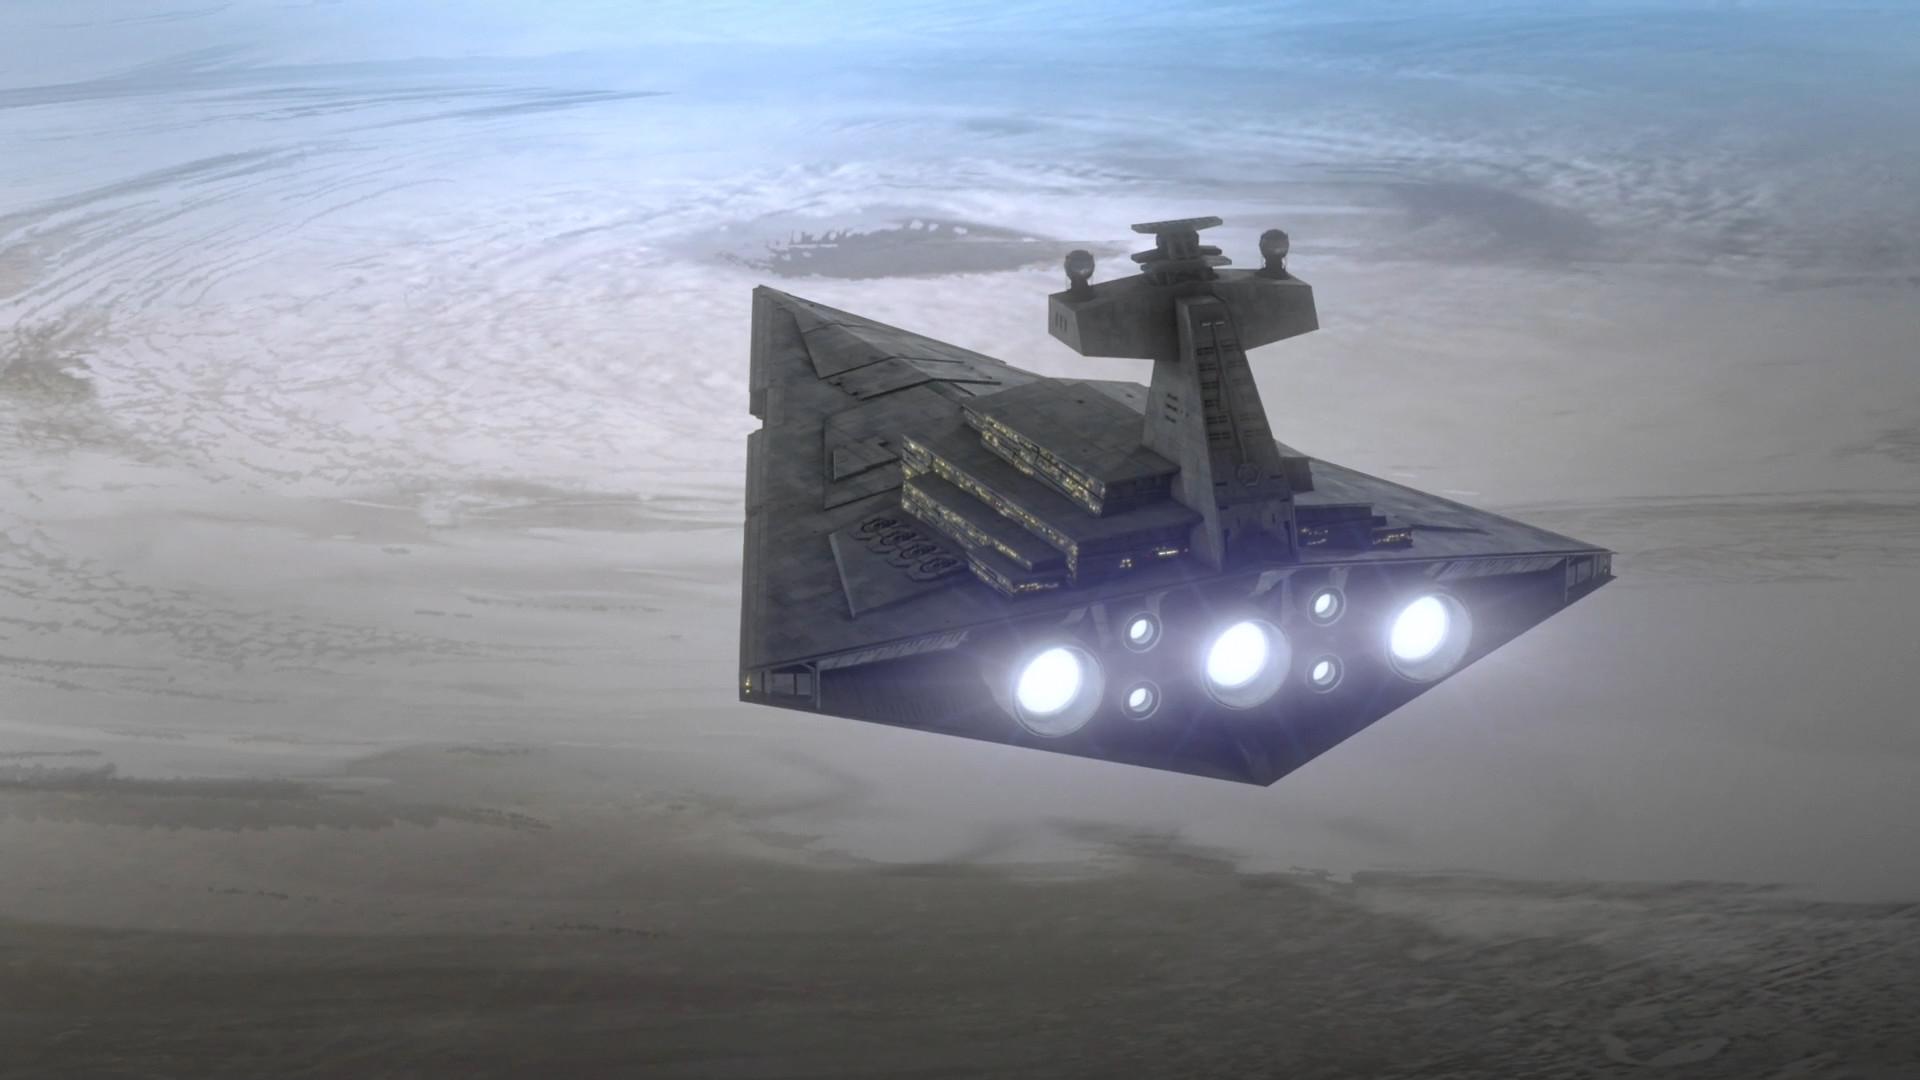 Wallpaper taken from Star Wars Rebels